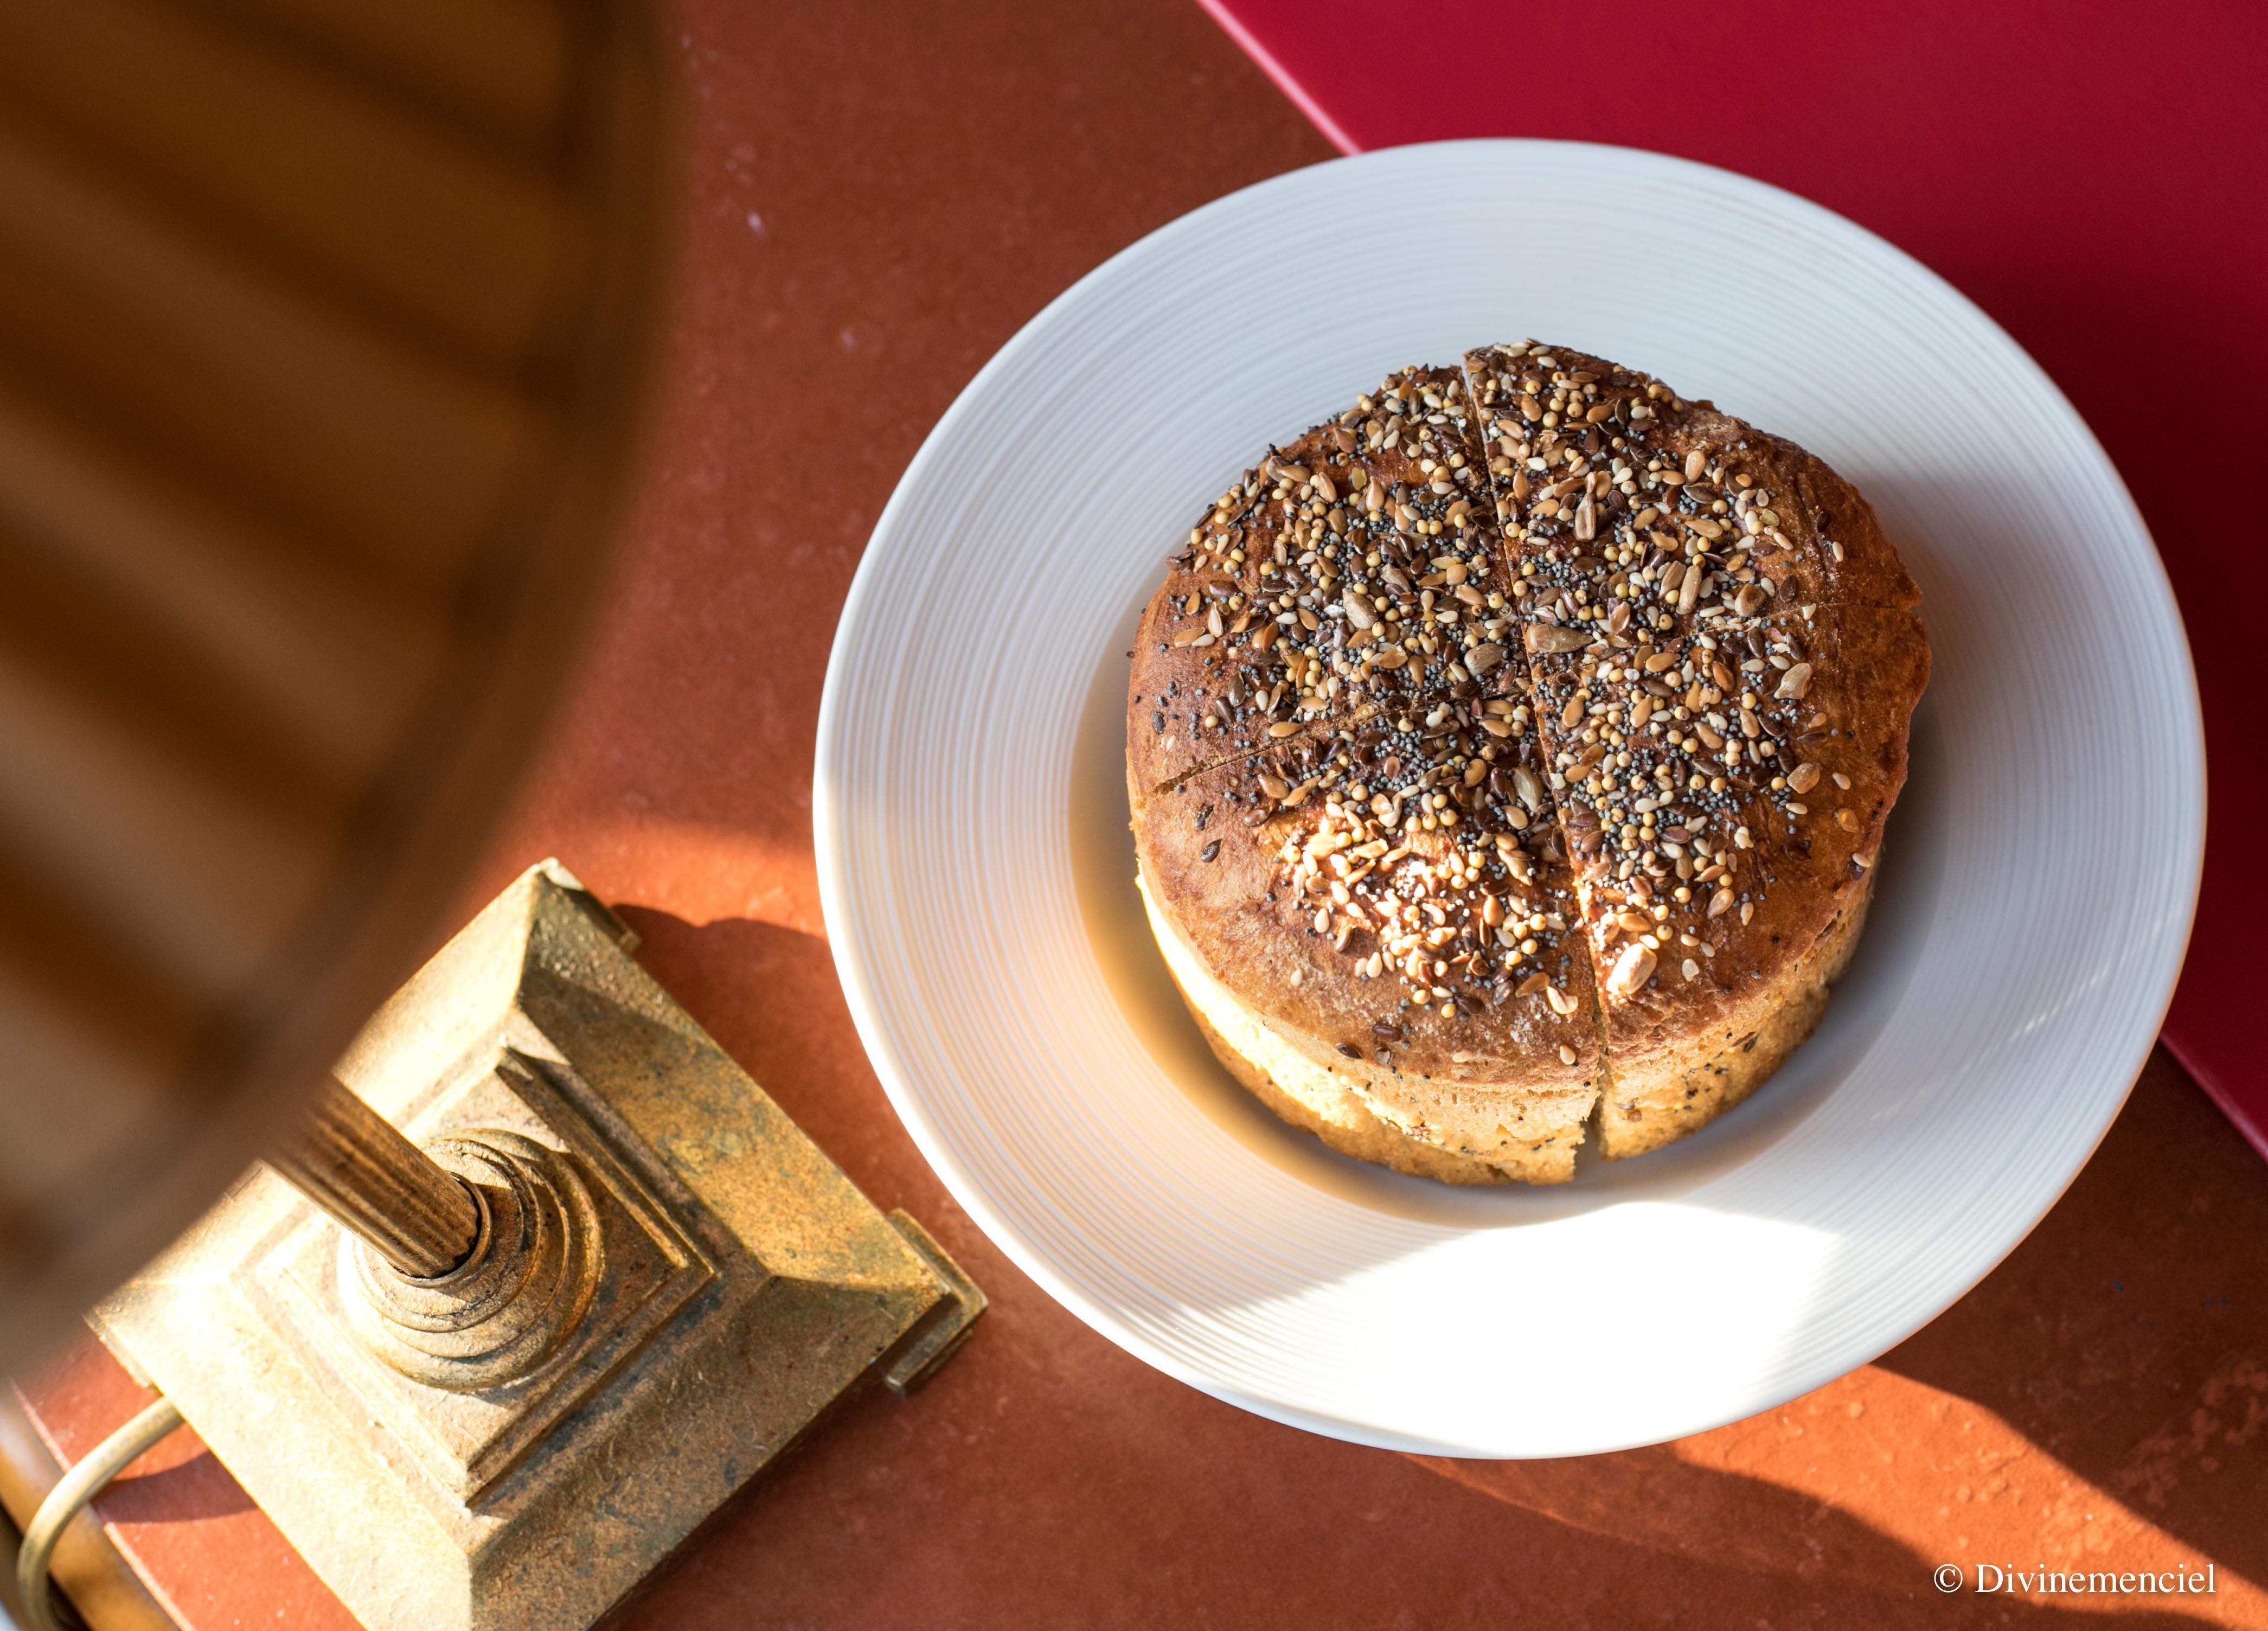 restaurant-gastronomique-lyon-letage-pain-maison